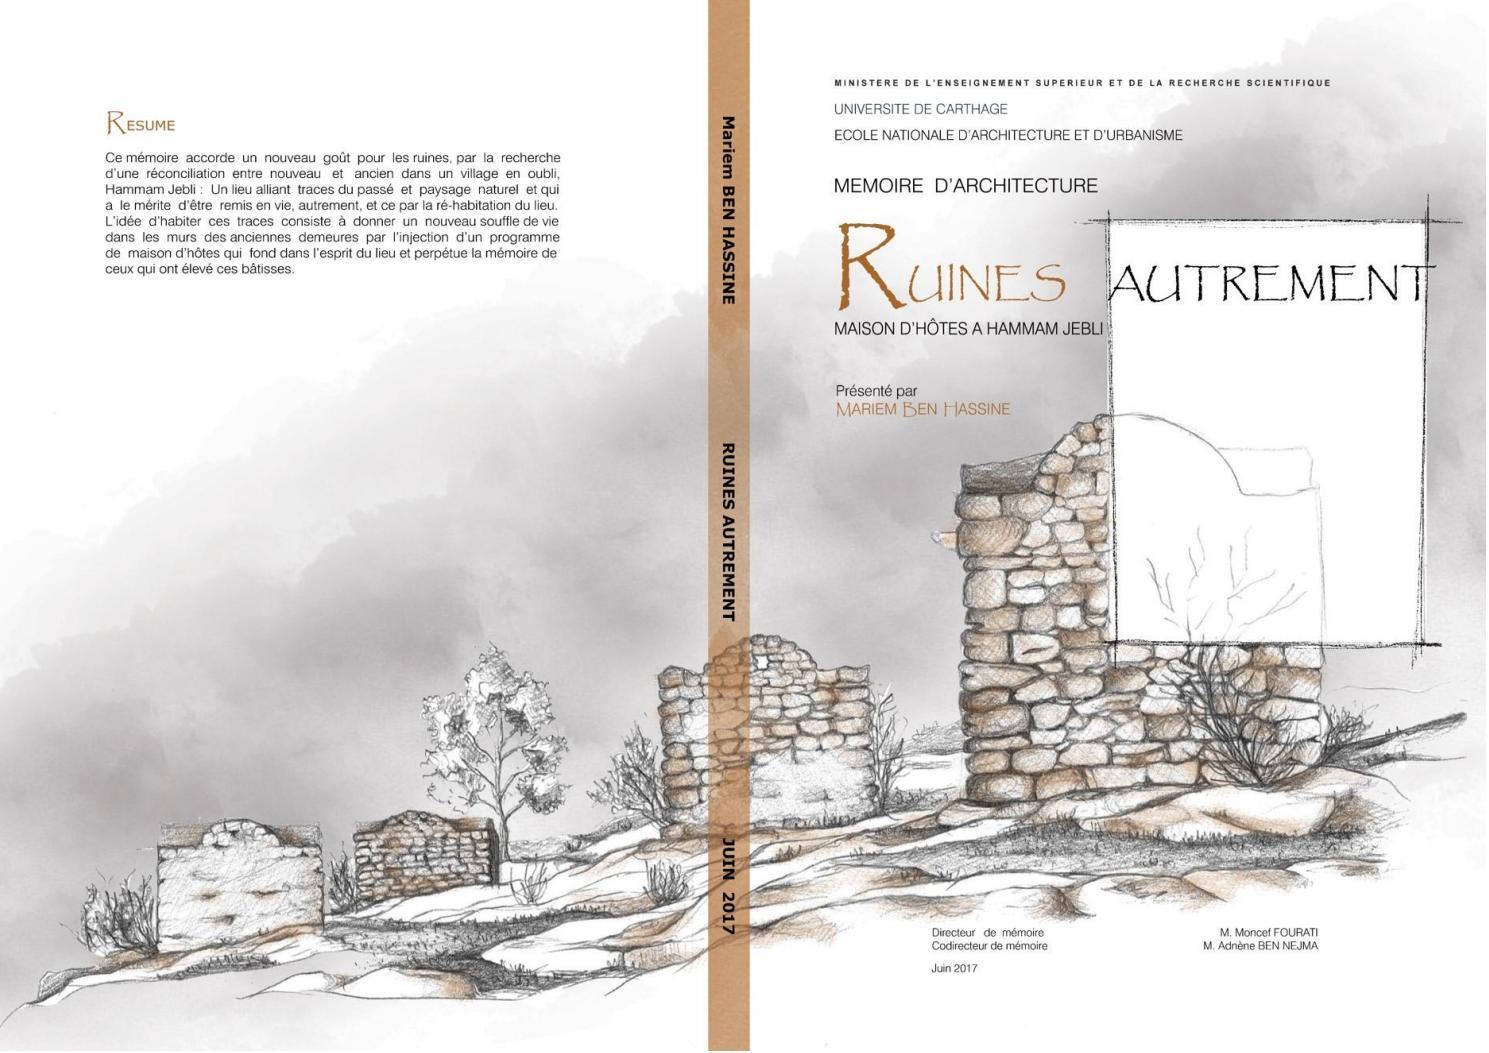 Maison En Ruine Dessin mémoire d'architecture: ruines autrement: maison d'hôtes à